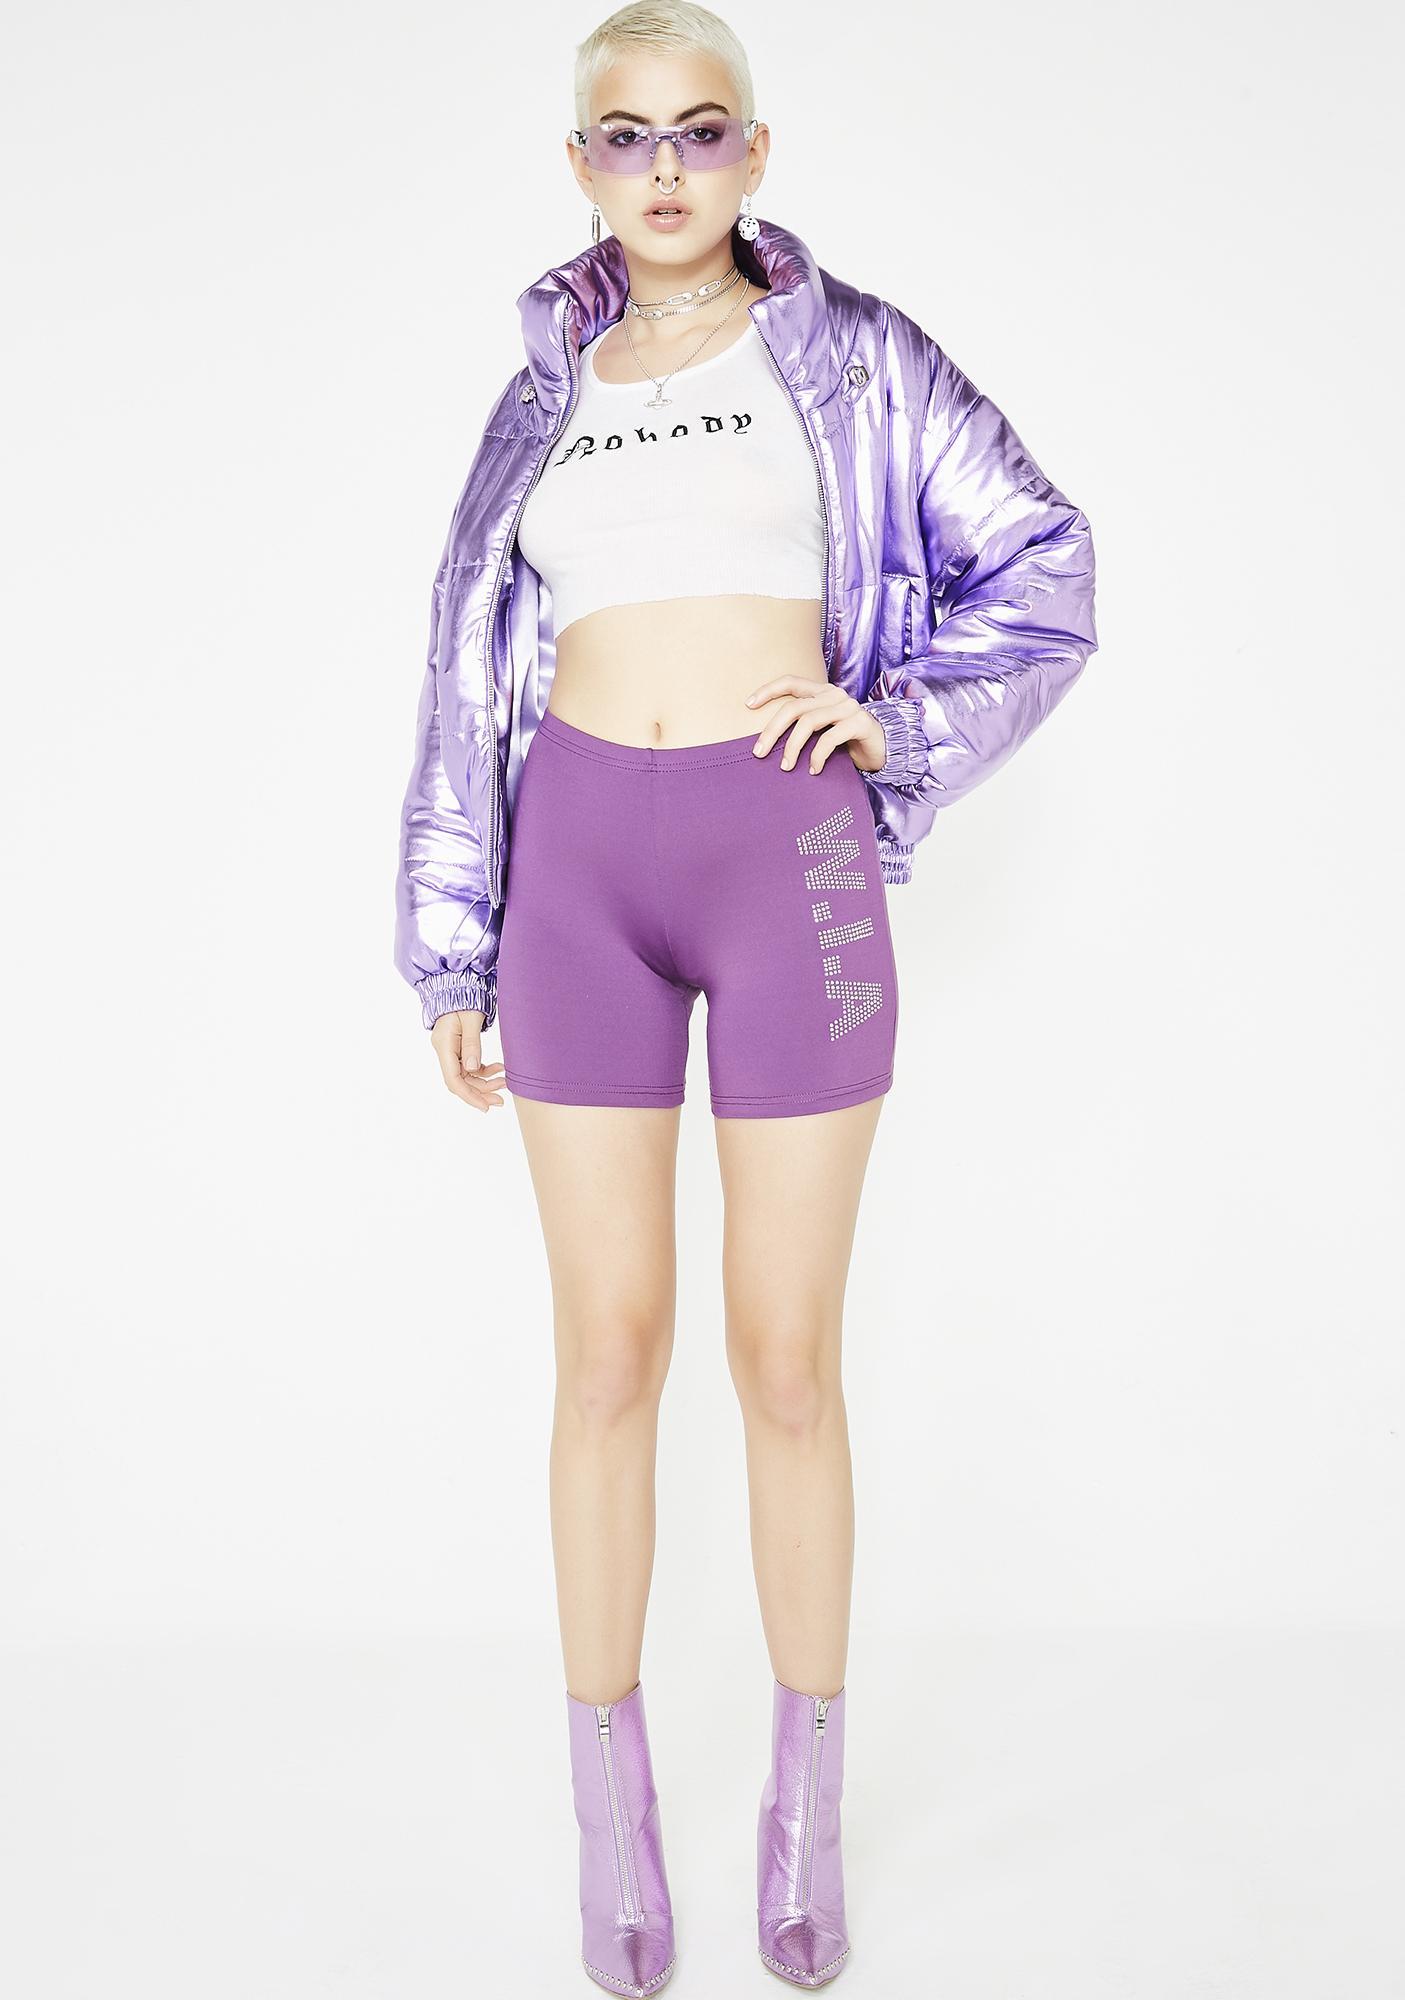 W.I.A Perturbed Grape Biker Shorts